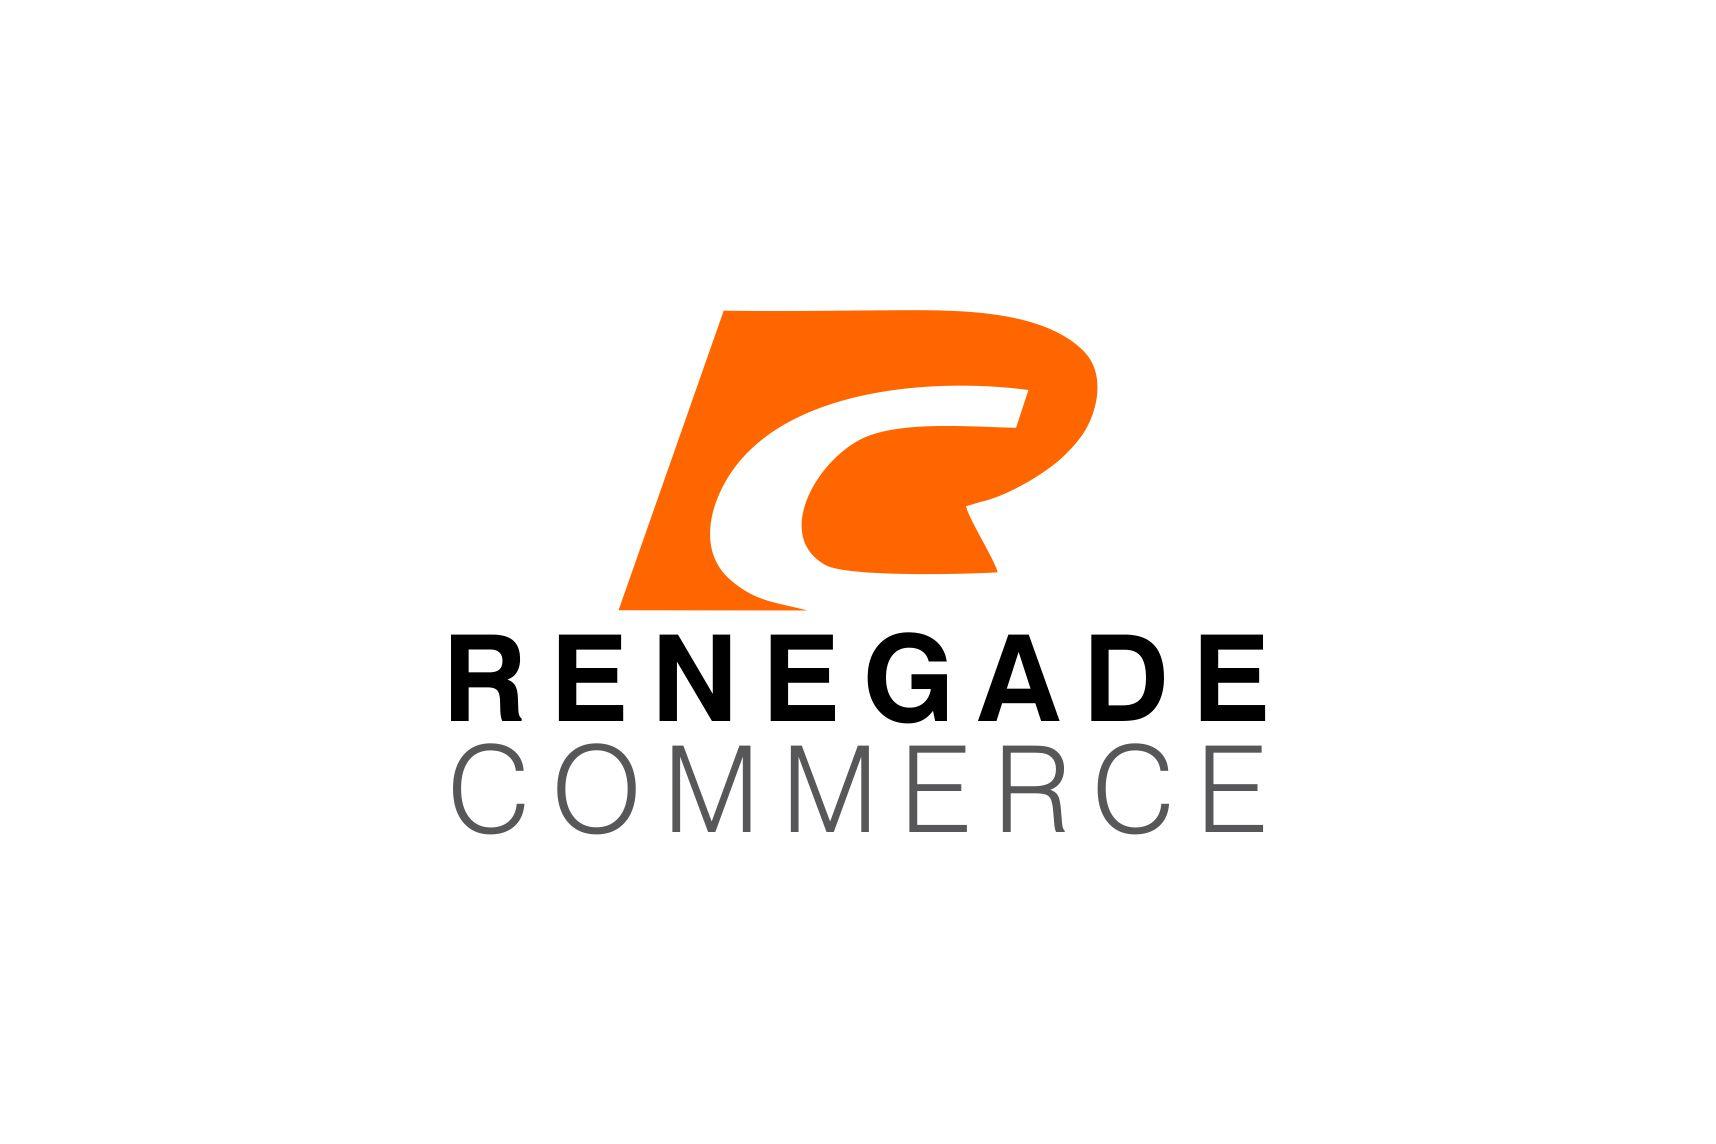 RenegadeCommerce